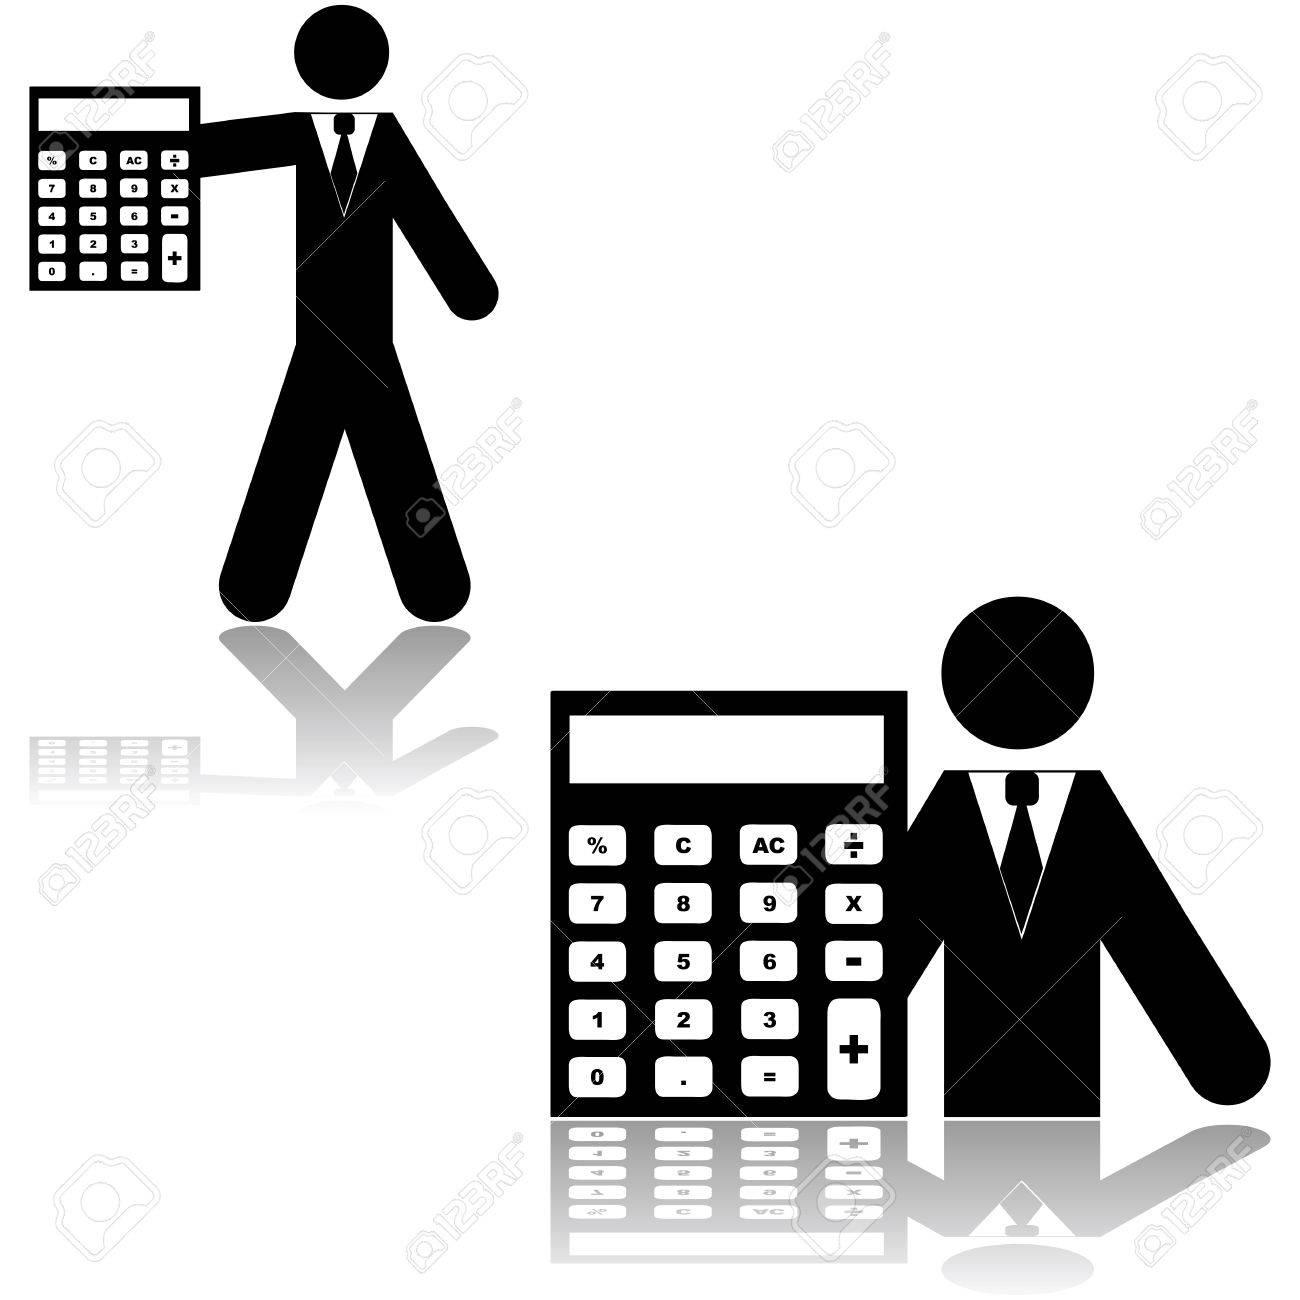 Icon Das Eine Person Neben Einen Taschenrechner Als Symbol Für